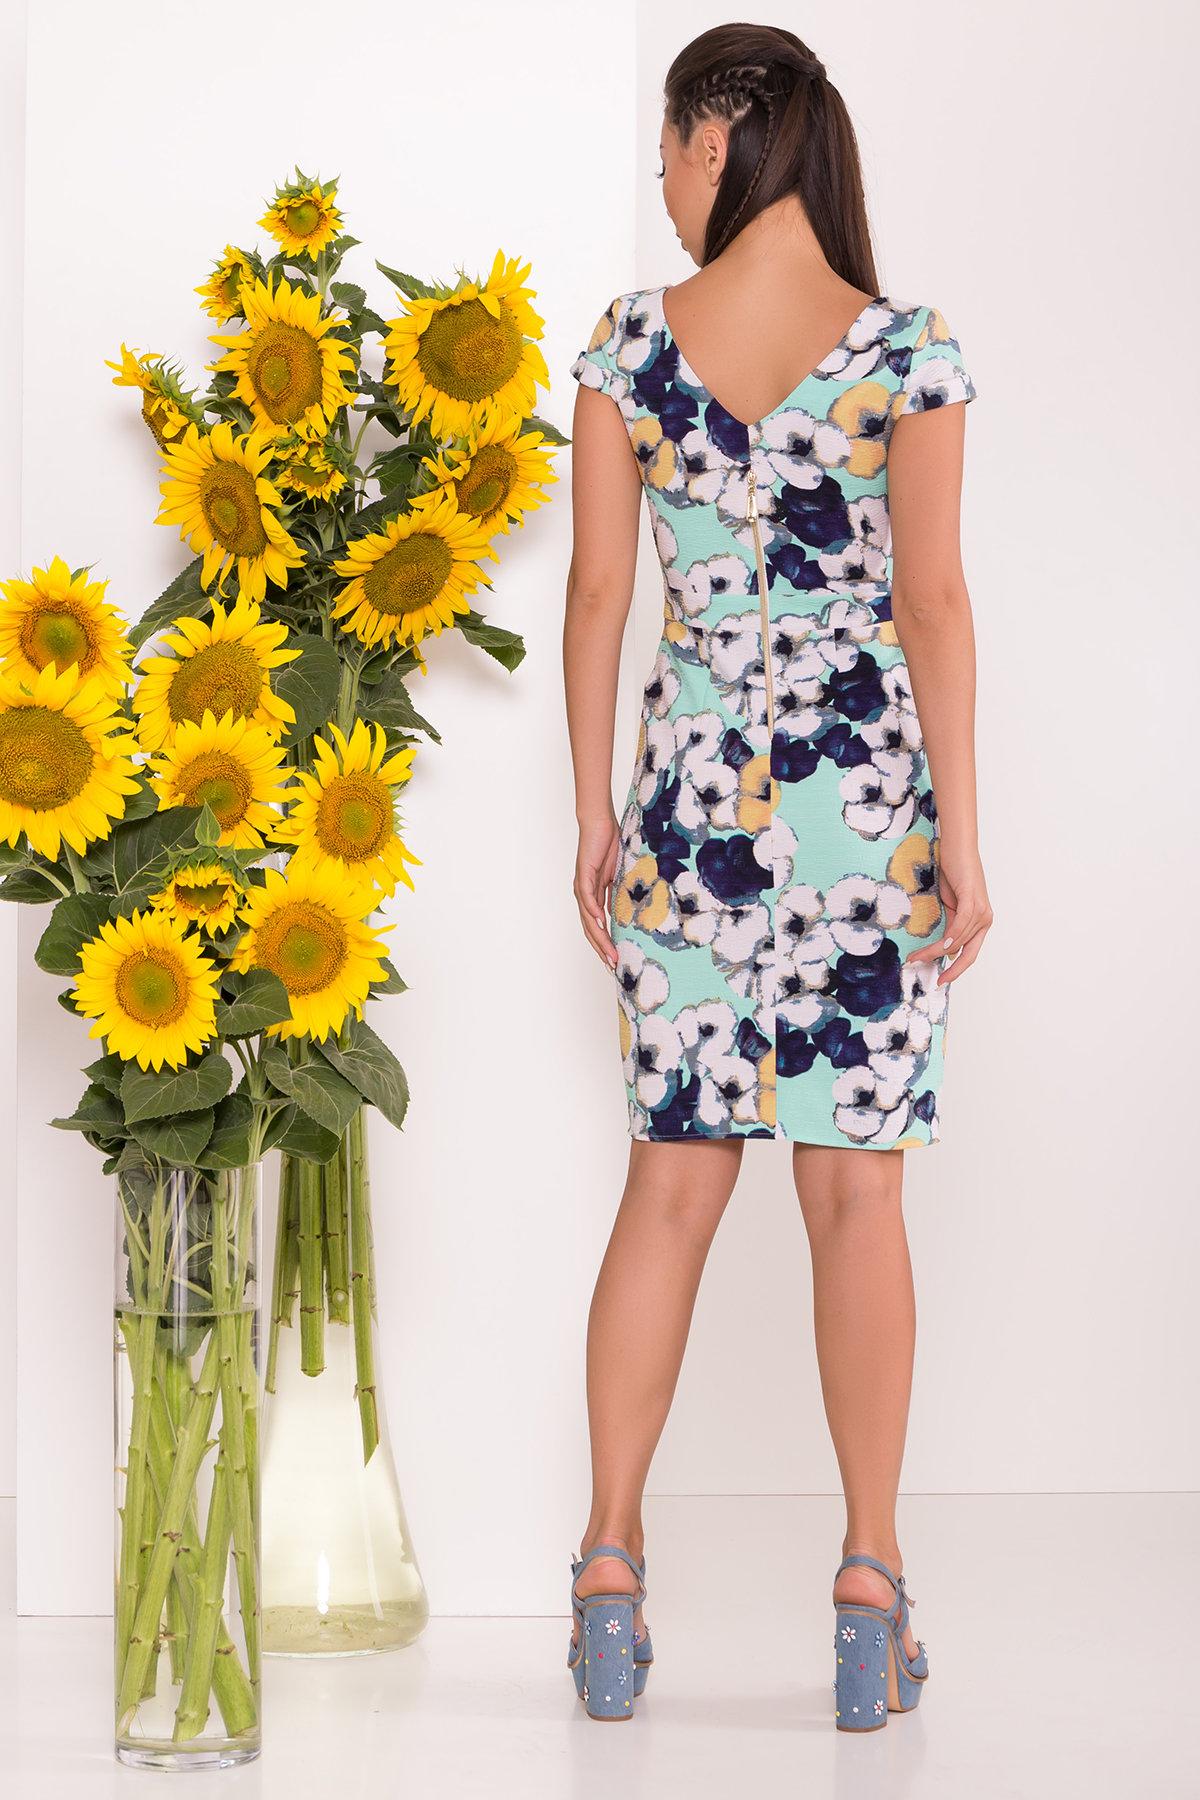 Платье Марсель 7612 АРТ. 43538 Цвет: Ромашка бирюза больш - фото 2, интернет магазин tm-modus.ru